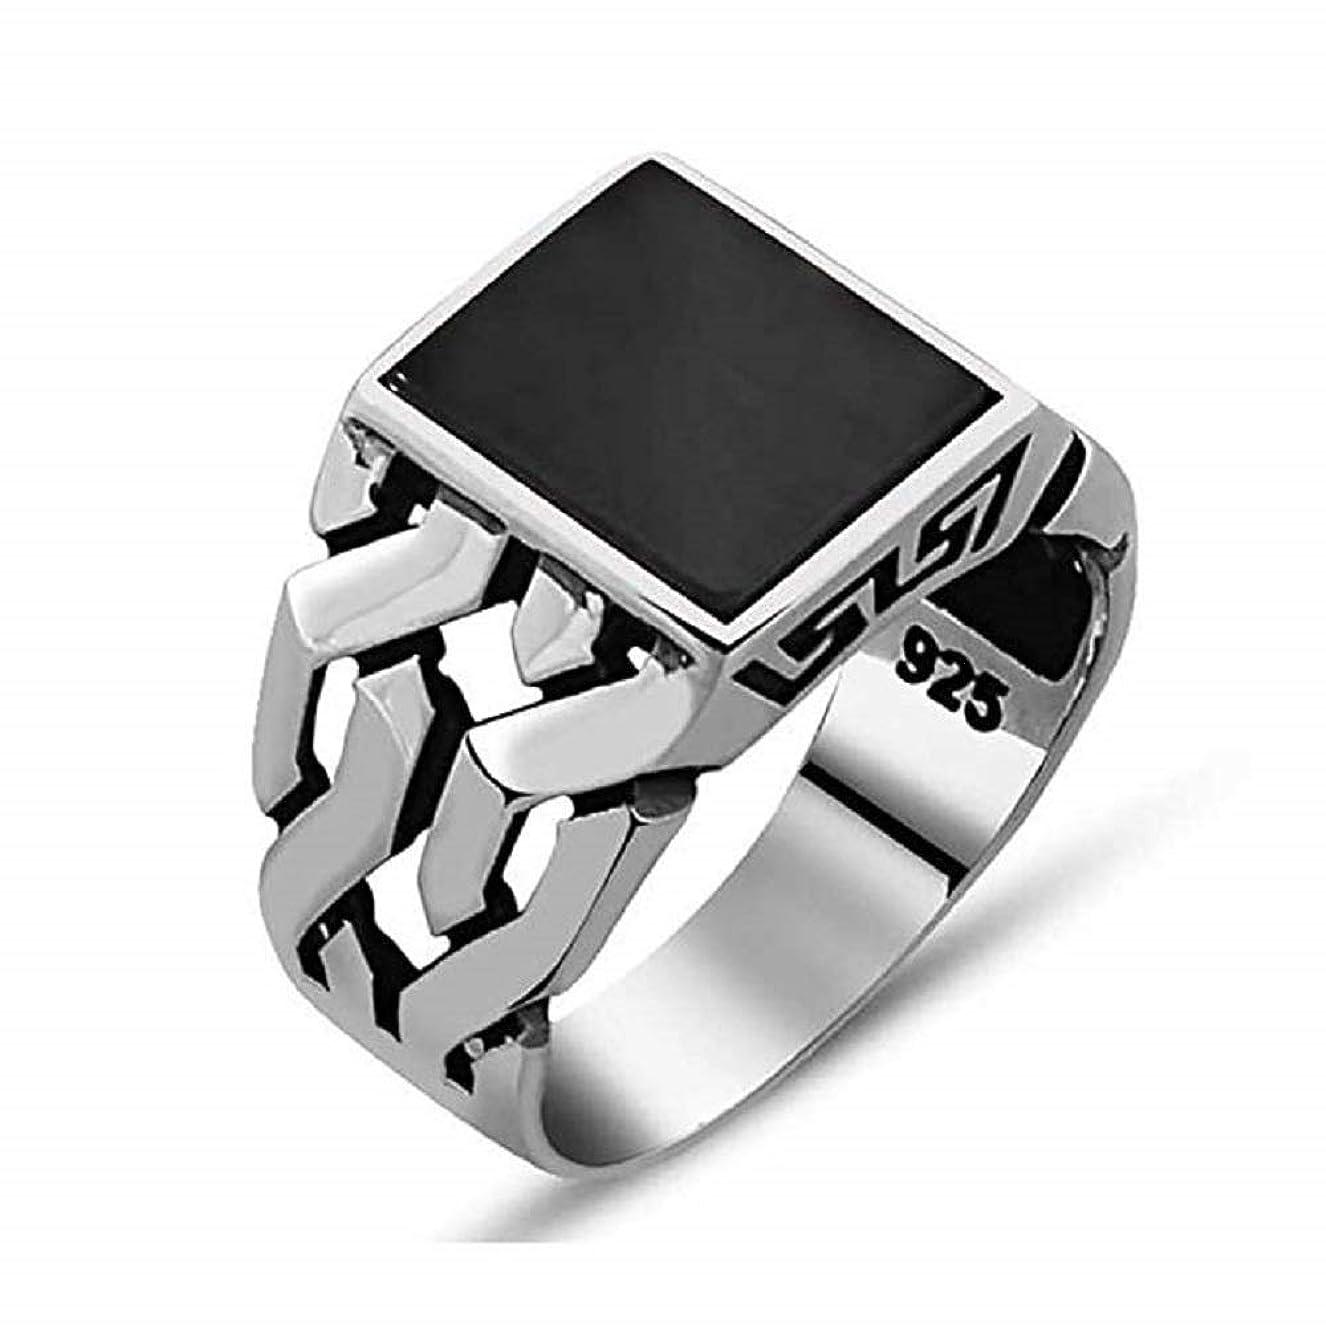 評価可能和らげる衰えるTurkish Ottoman Jewelry Chain Black Onyx Cool 925K Sterling Silver Men's Ring